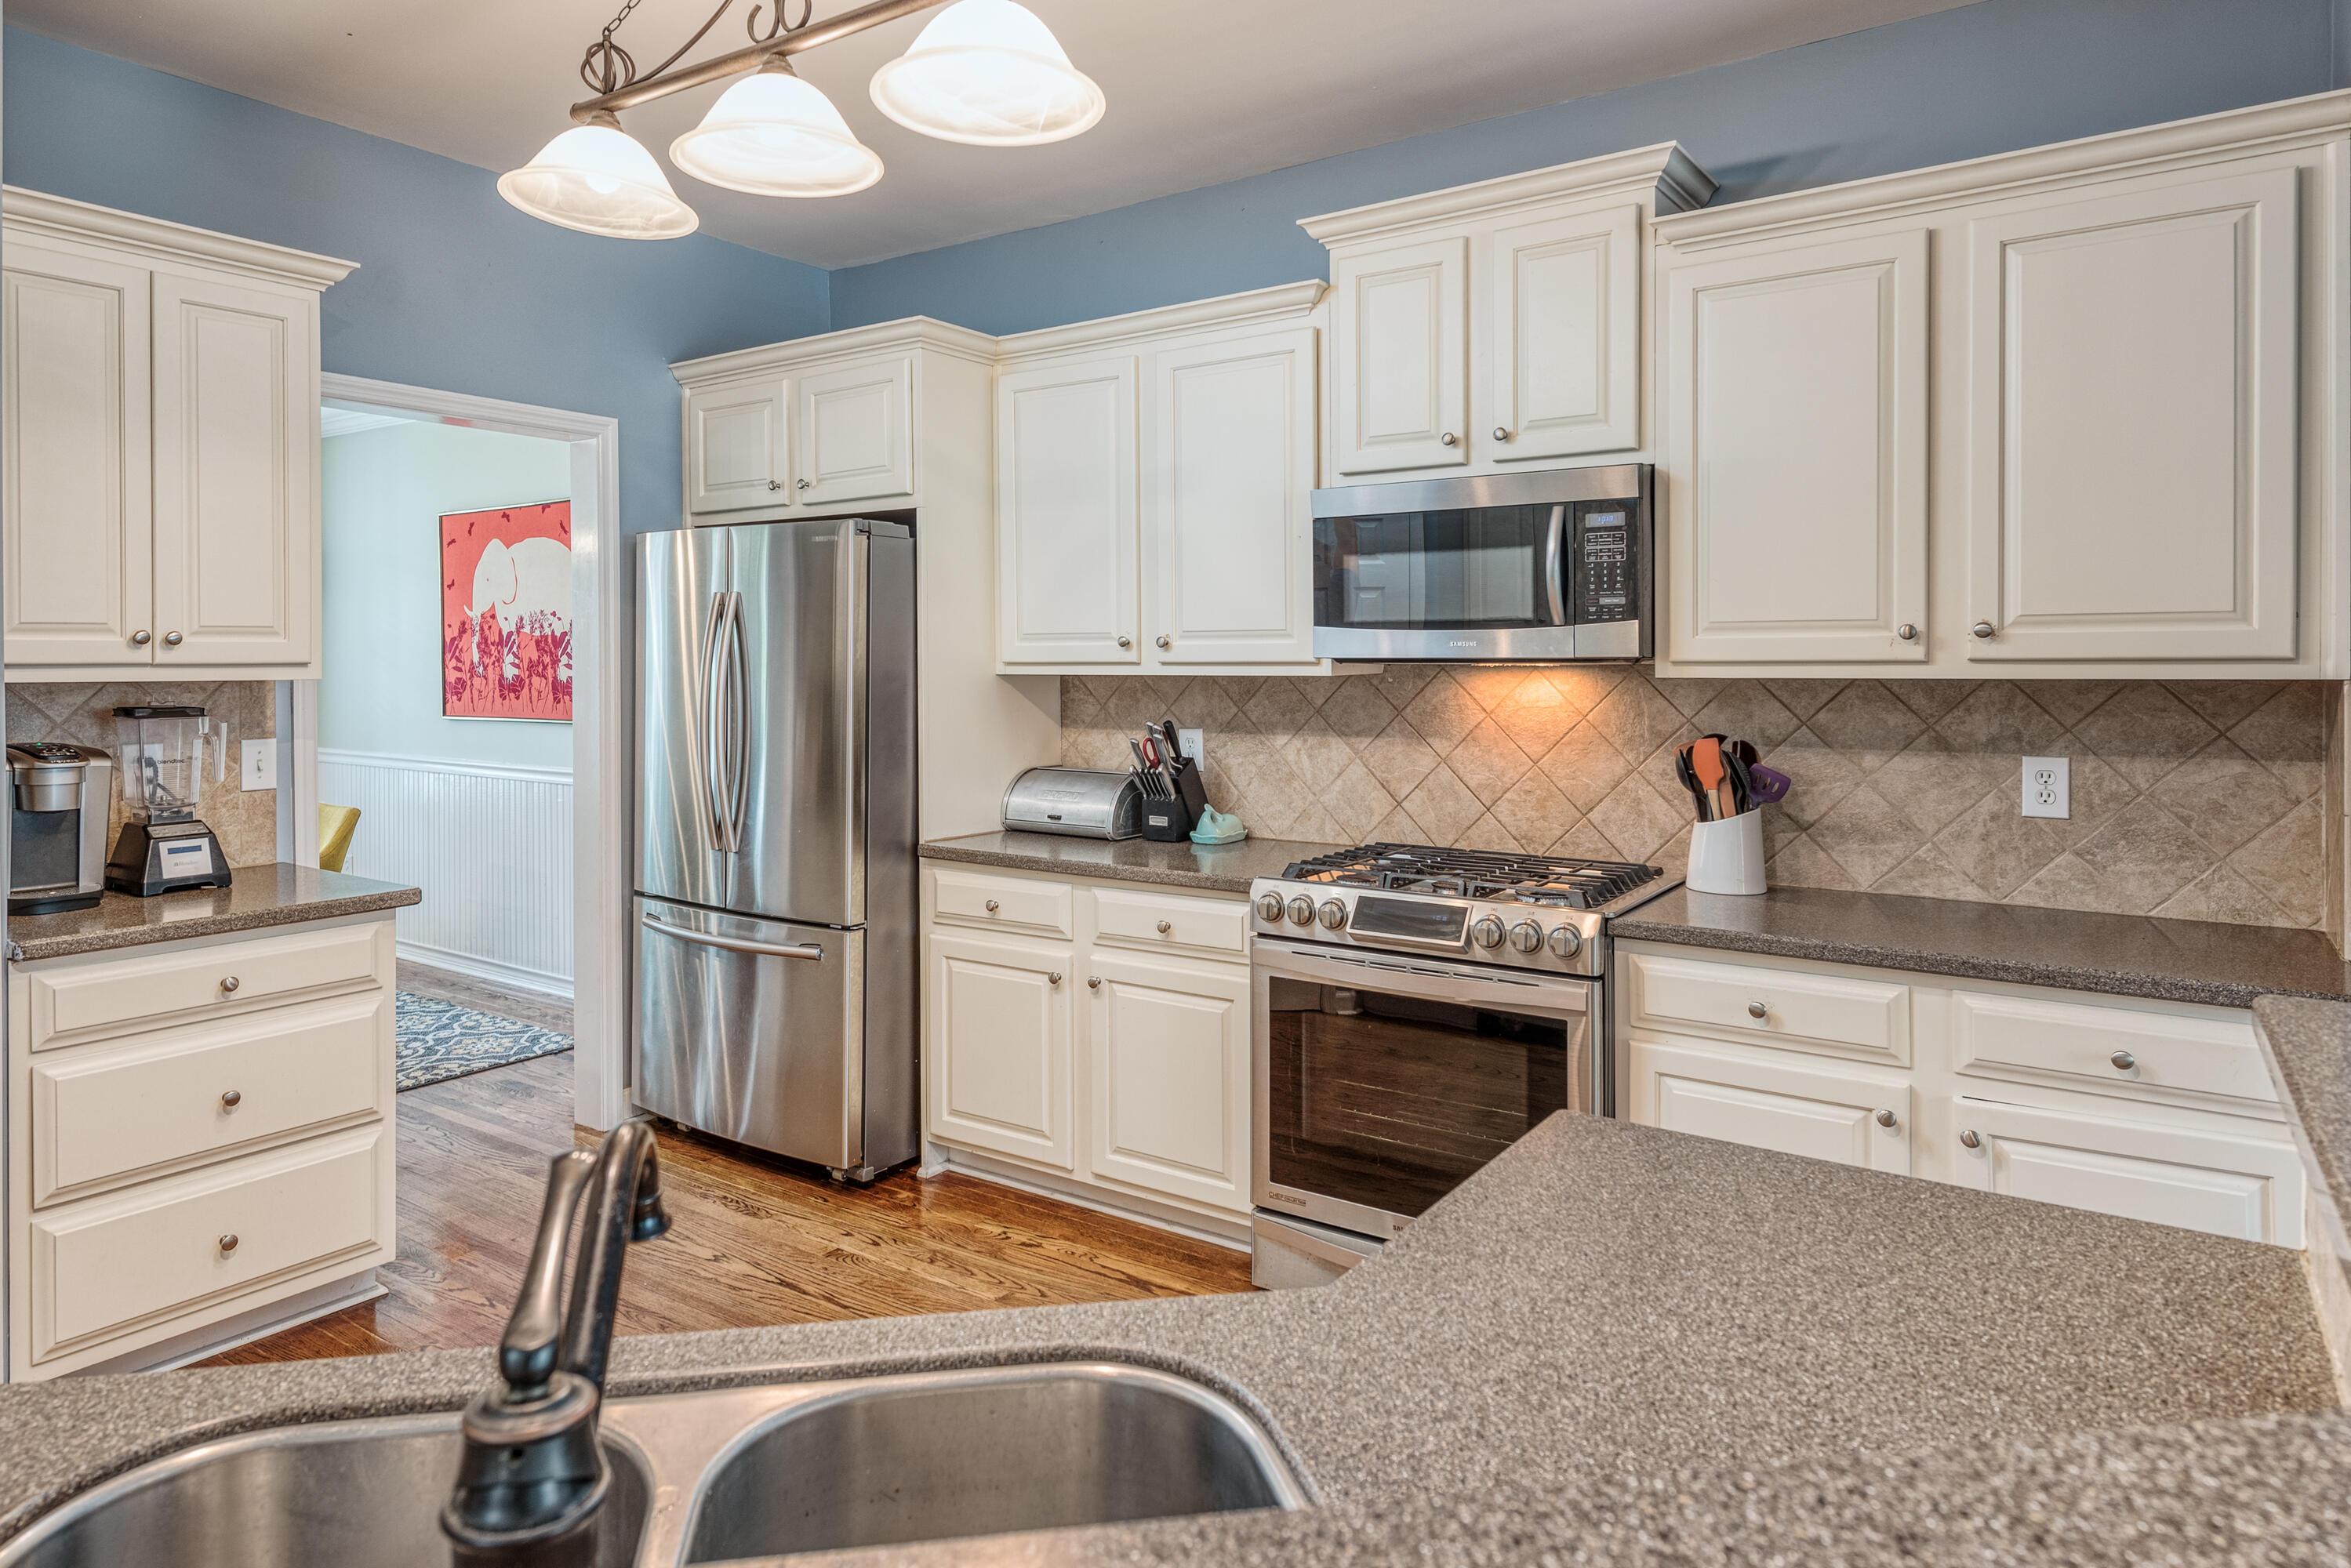 Dunes West Homes For Sale - 2108 Short Grass, Mount Pleasant, SC - 7